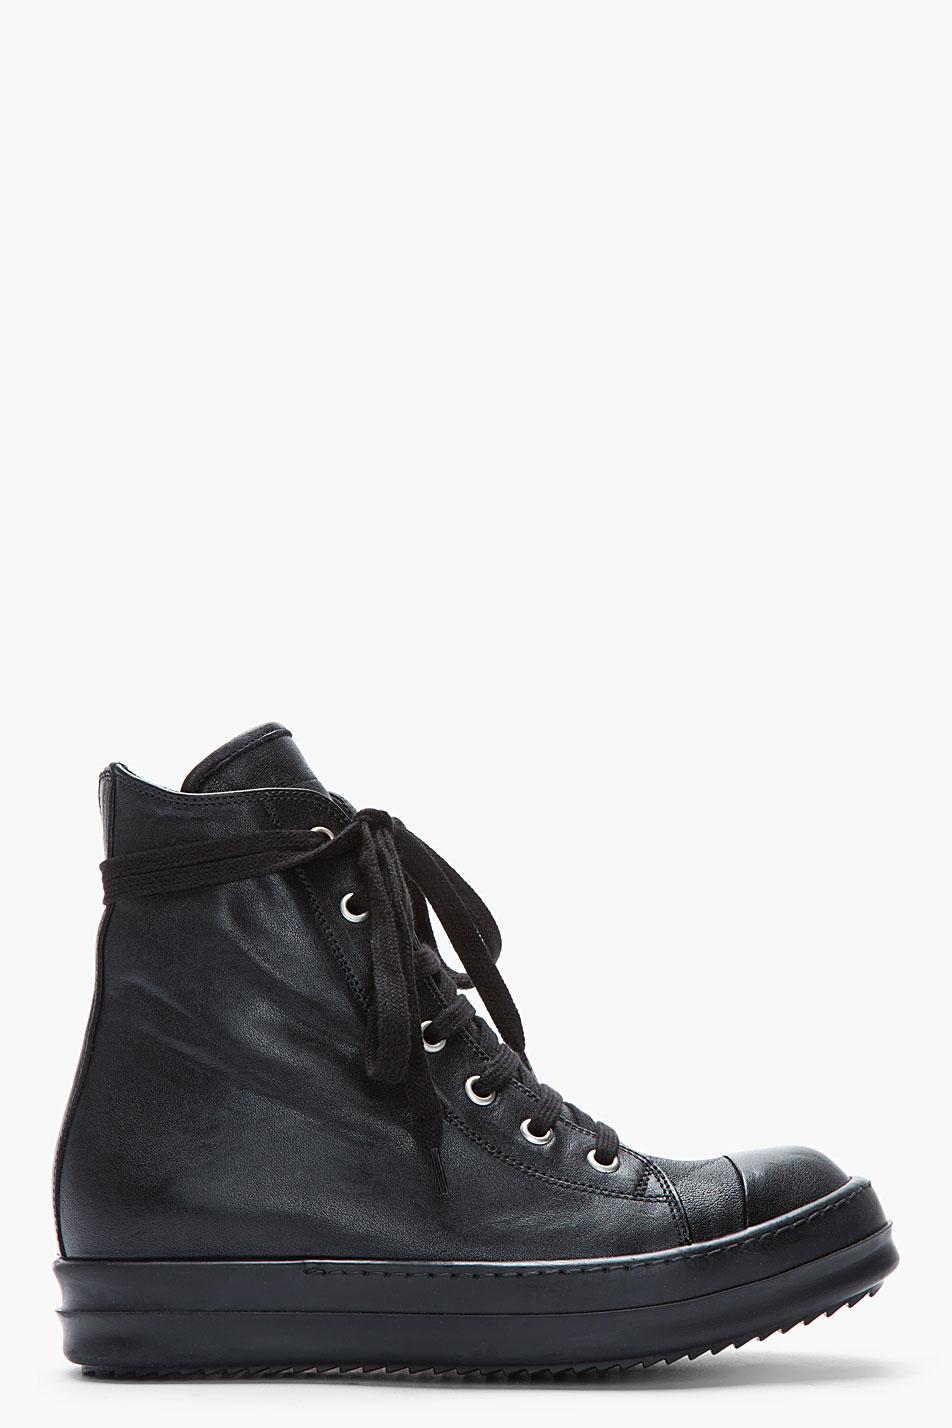 rick owens black leather zip ramones sneakers in black lyst. Black Bedroom Furniture Sets. Home Design Ideas